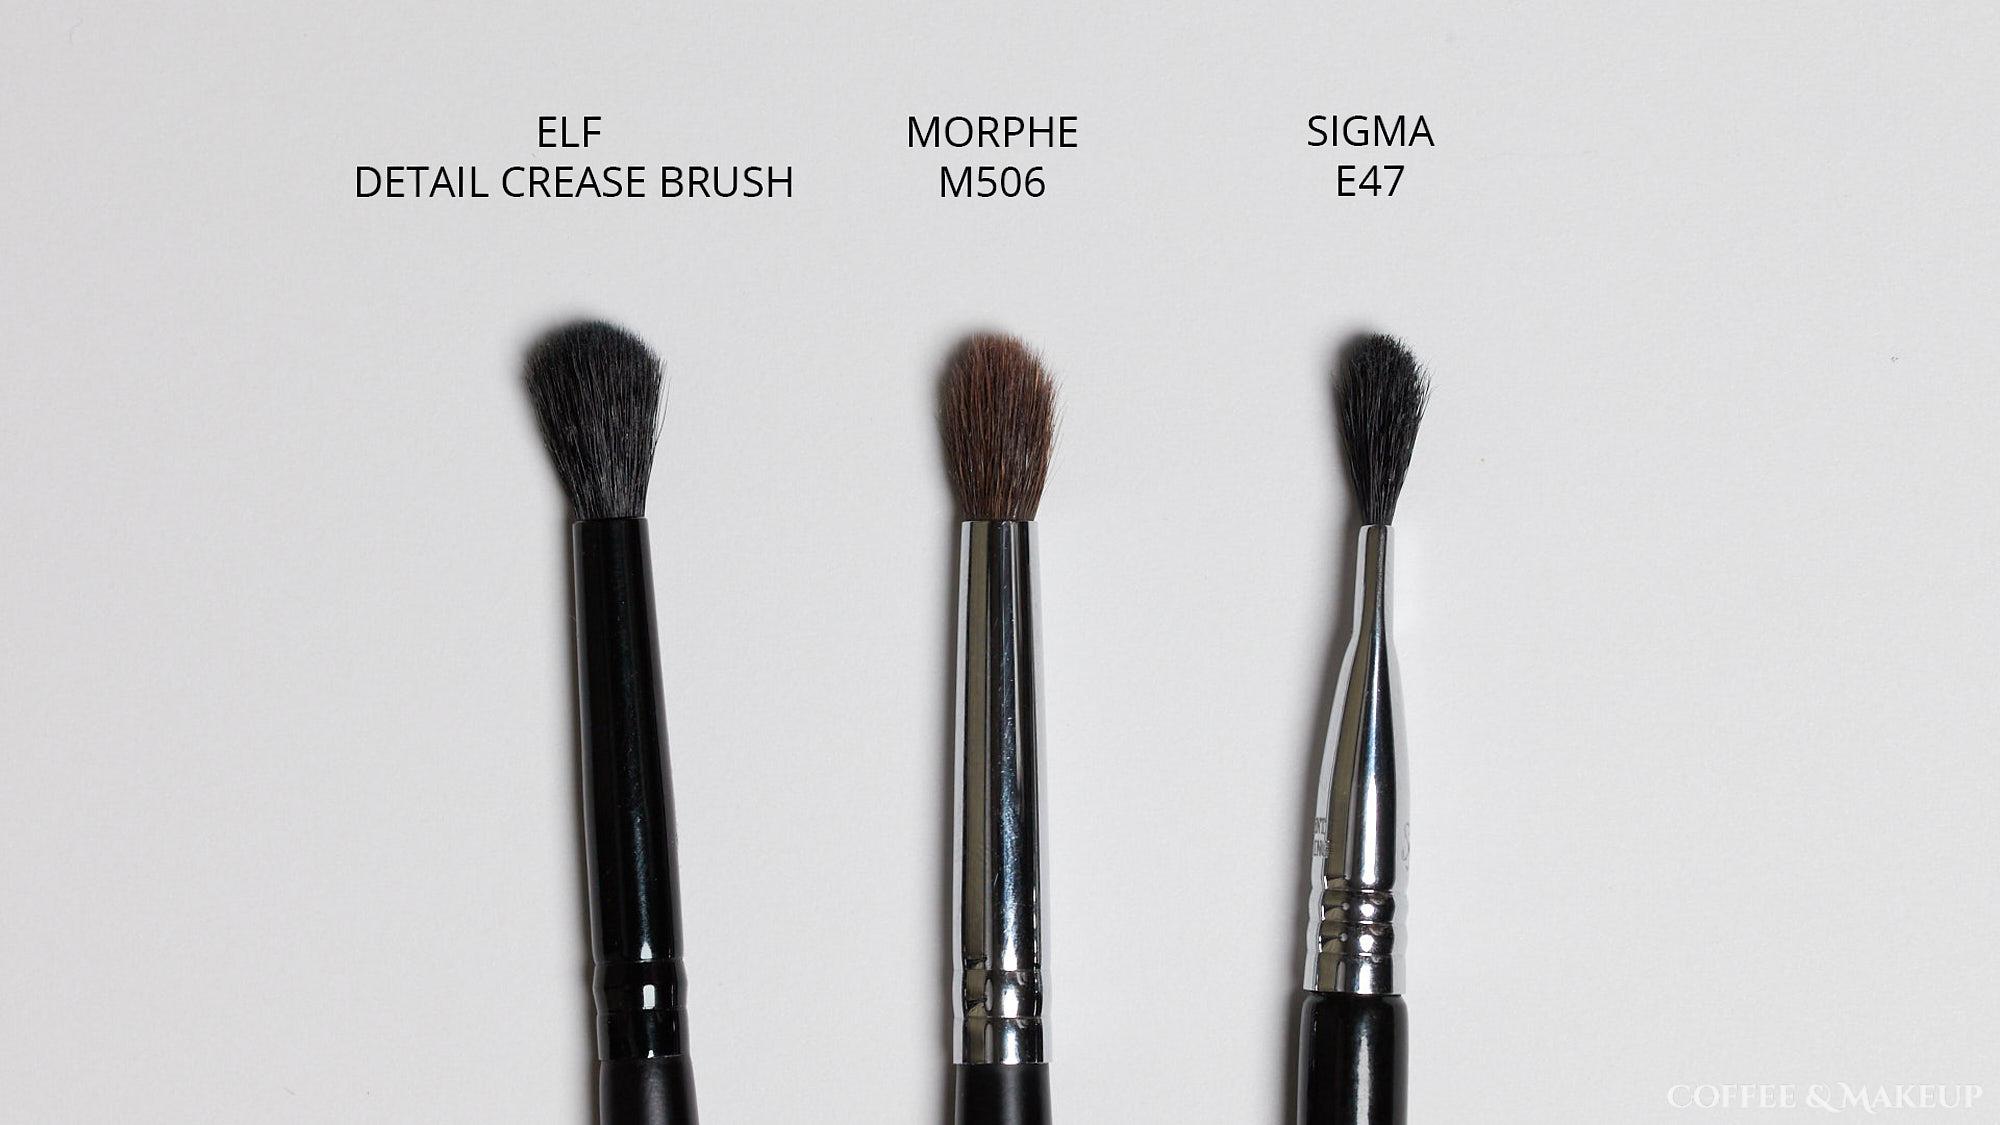 Morphe M506 Comparisons